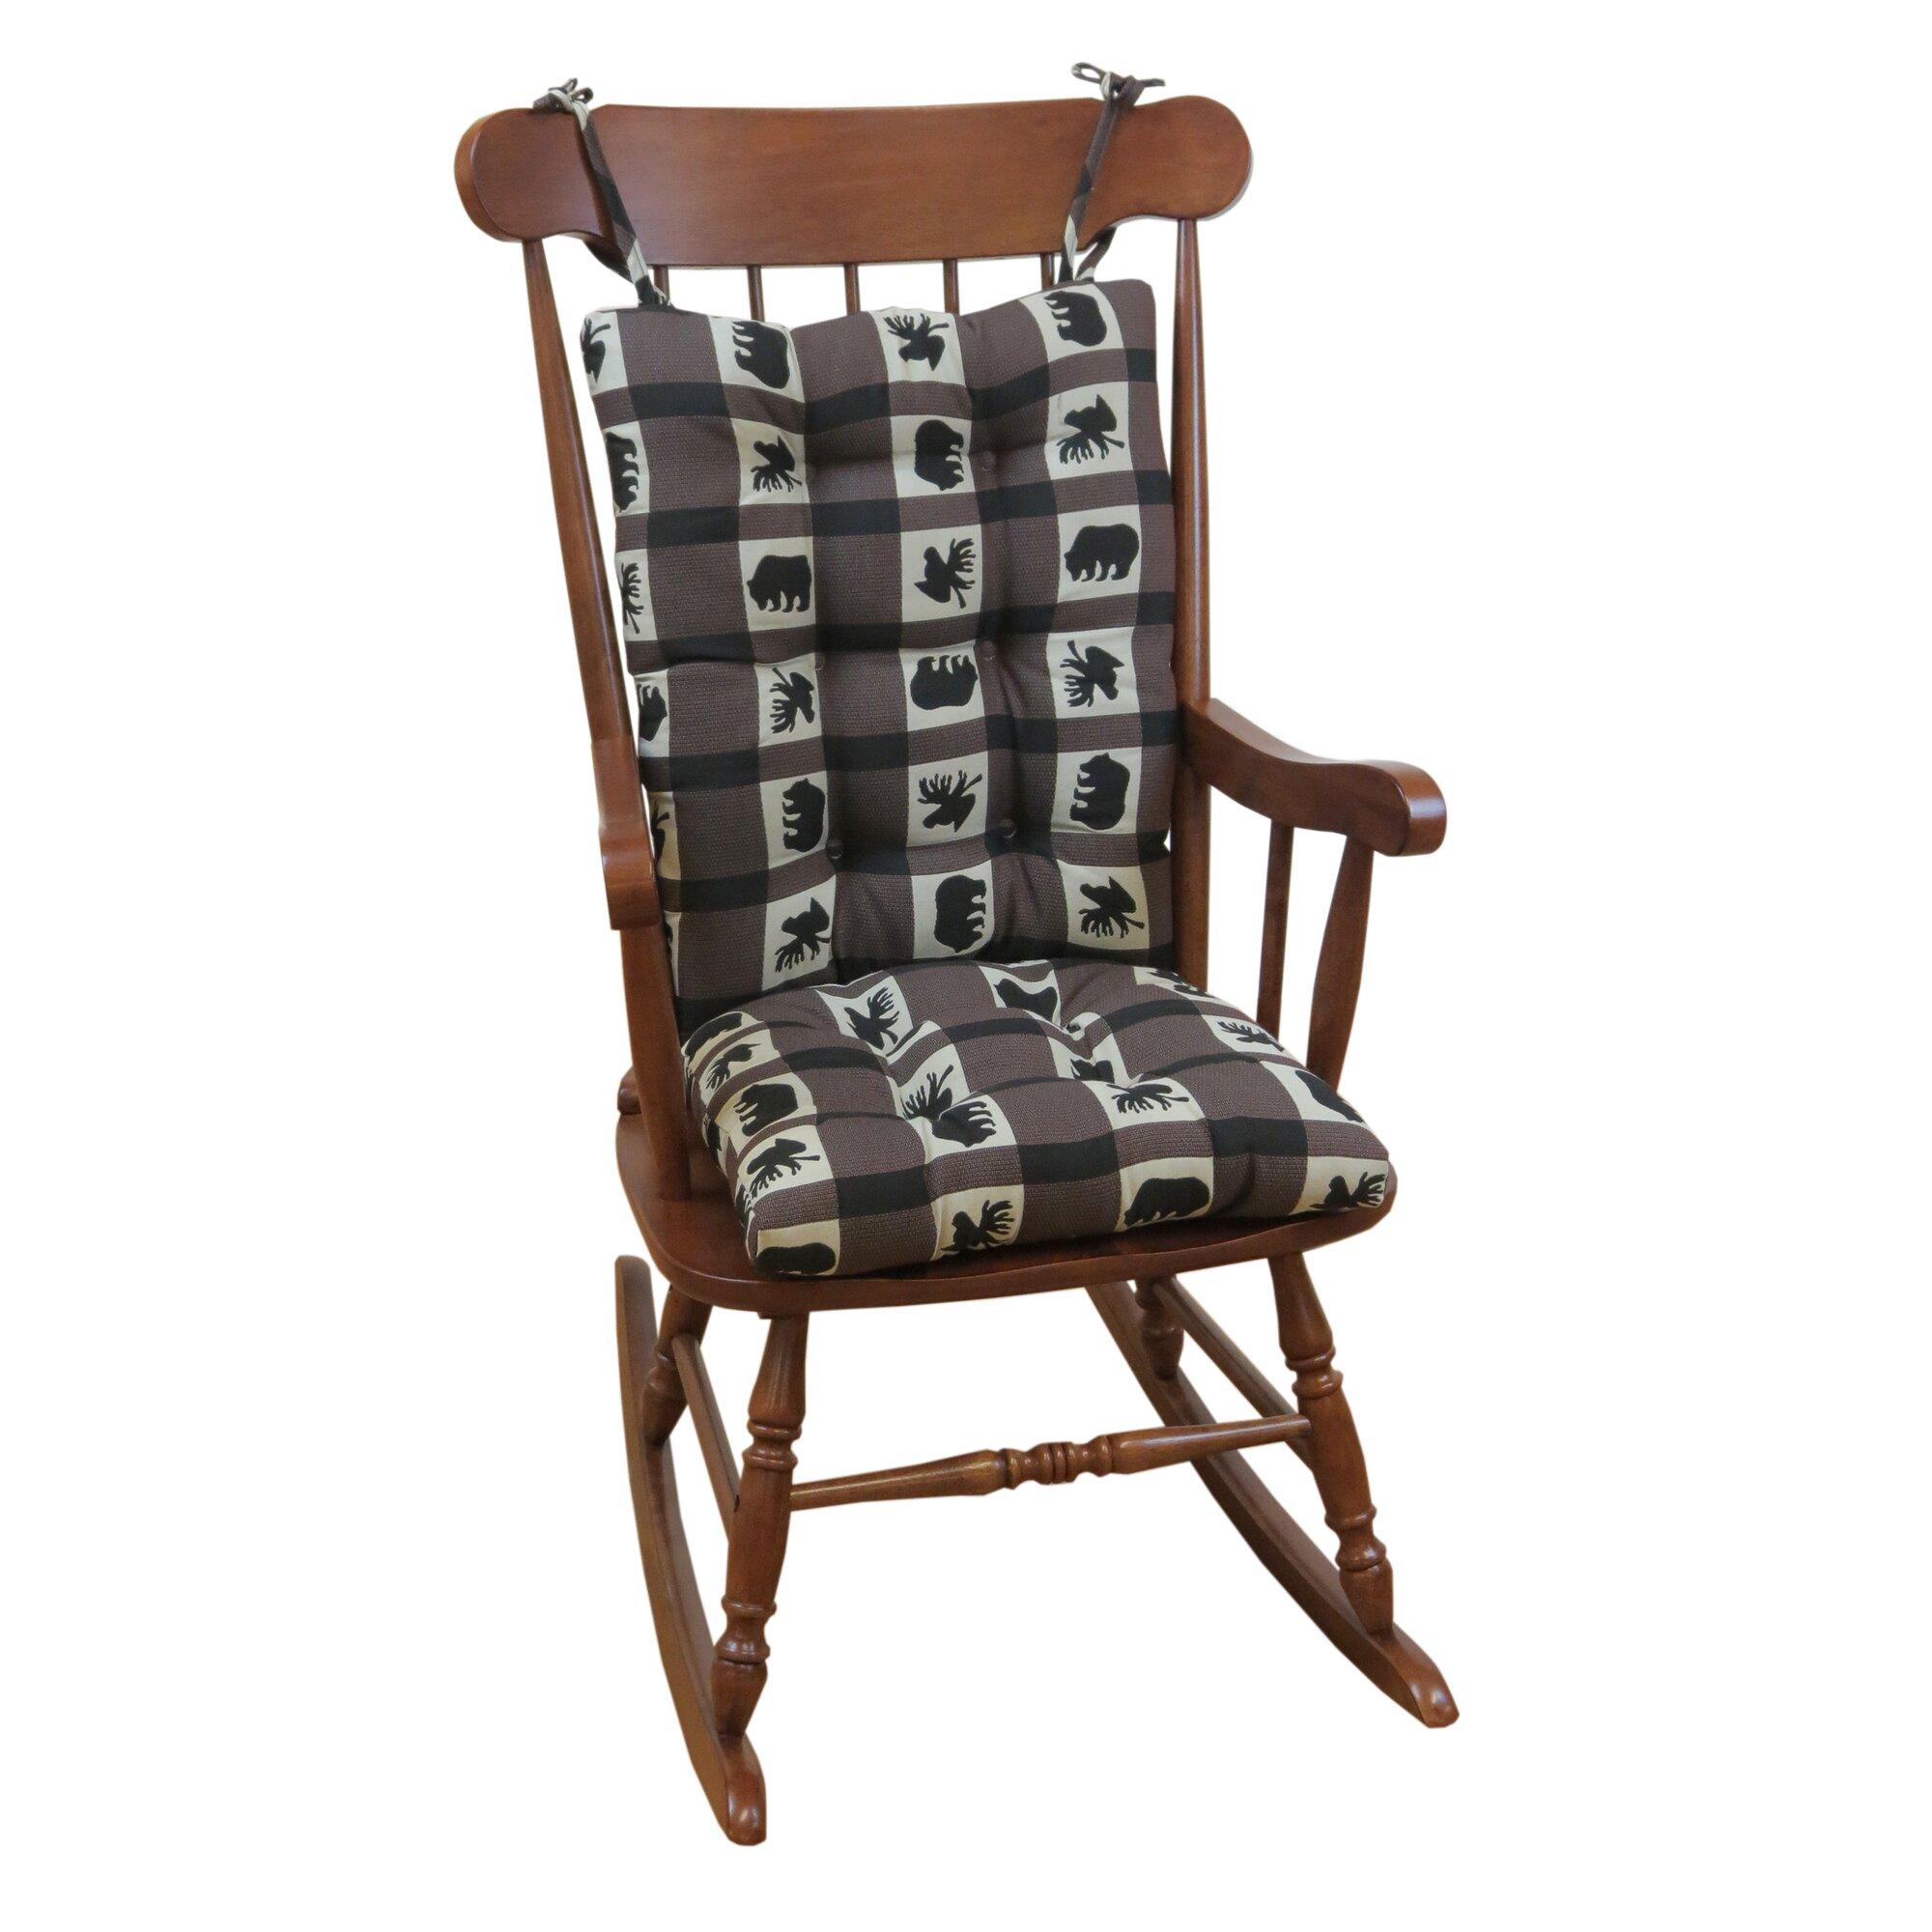 ... Plaid Gripper Jumbo Rocking Chair Cushion & Reviews  Wayfair.ca